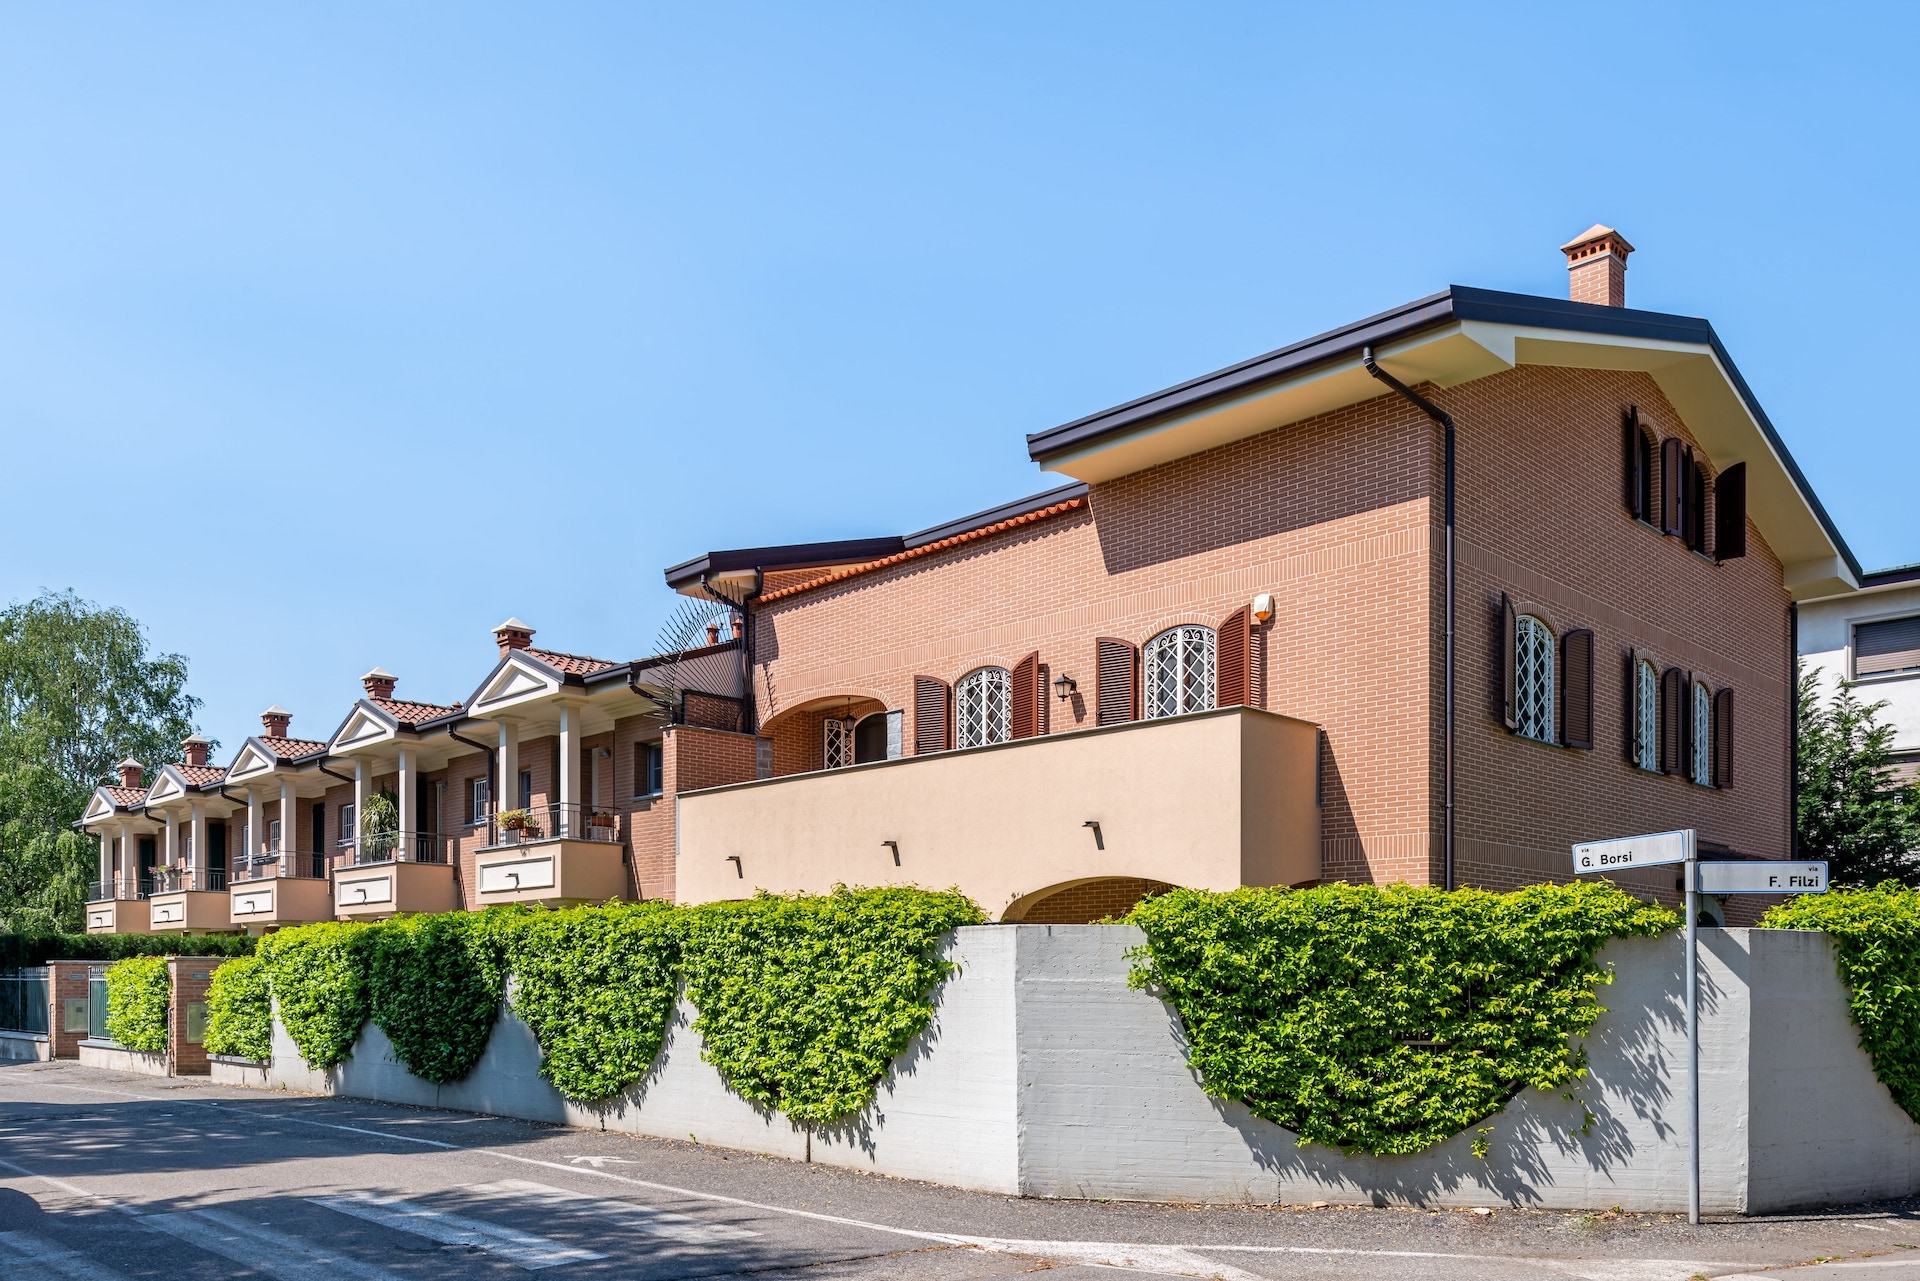 Villette a schiera, Via Borsi angolo Via Filzi, Saronno-HDR-10